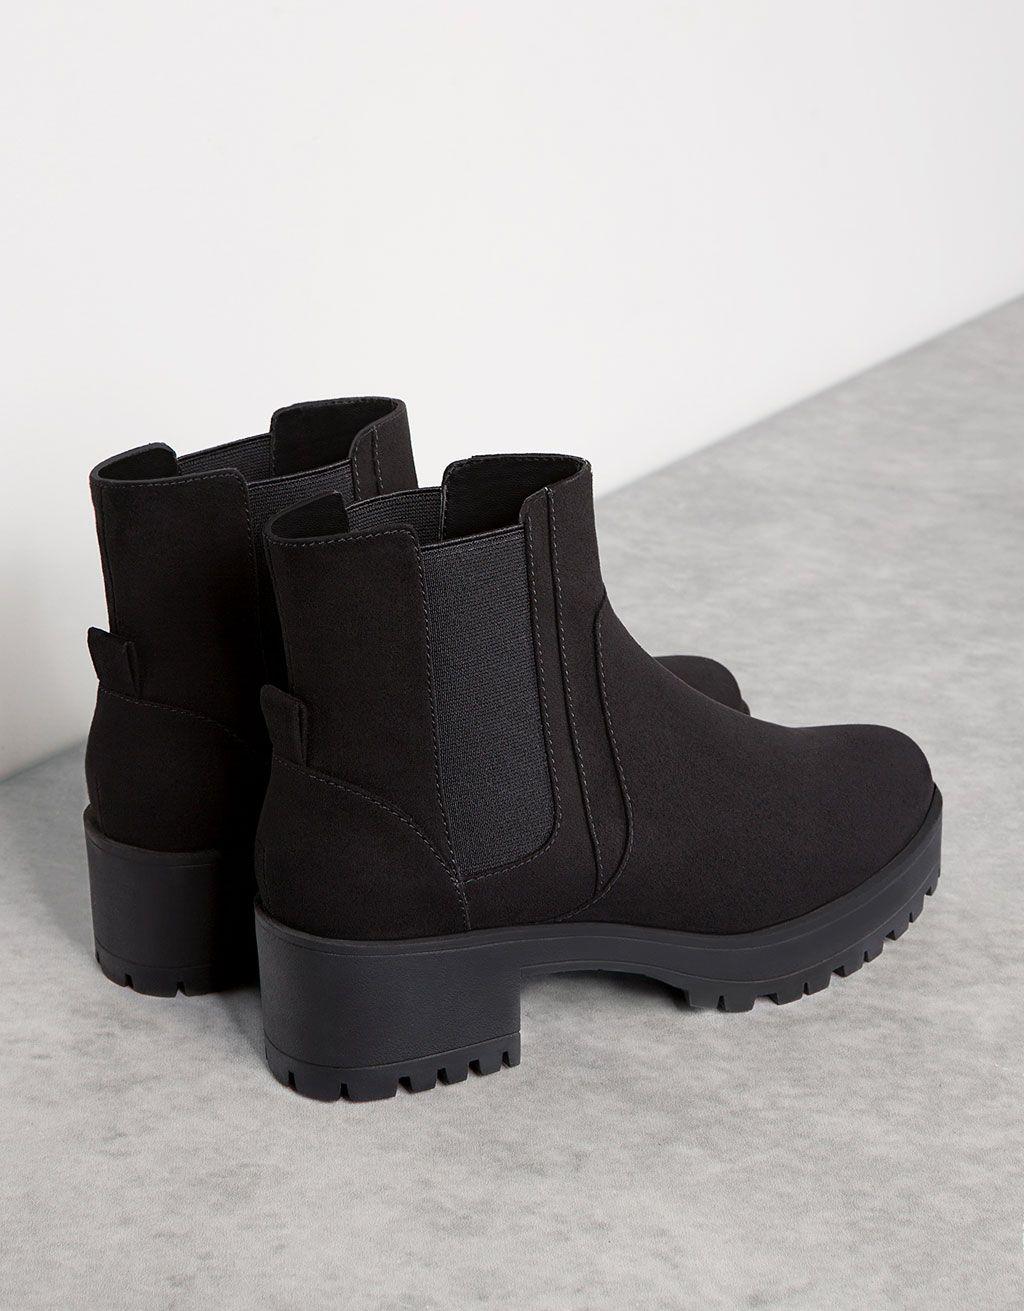 e2b7ffc3 Ботинки на платформе с эластичной вставкой | Boots & Shoes | Ботинки ...